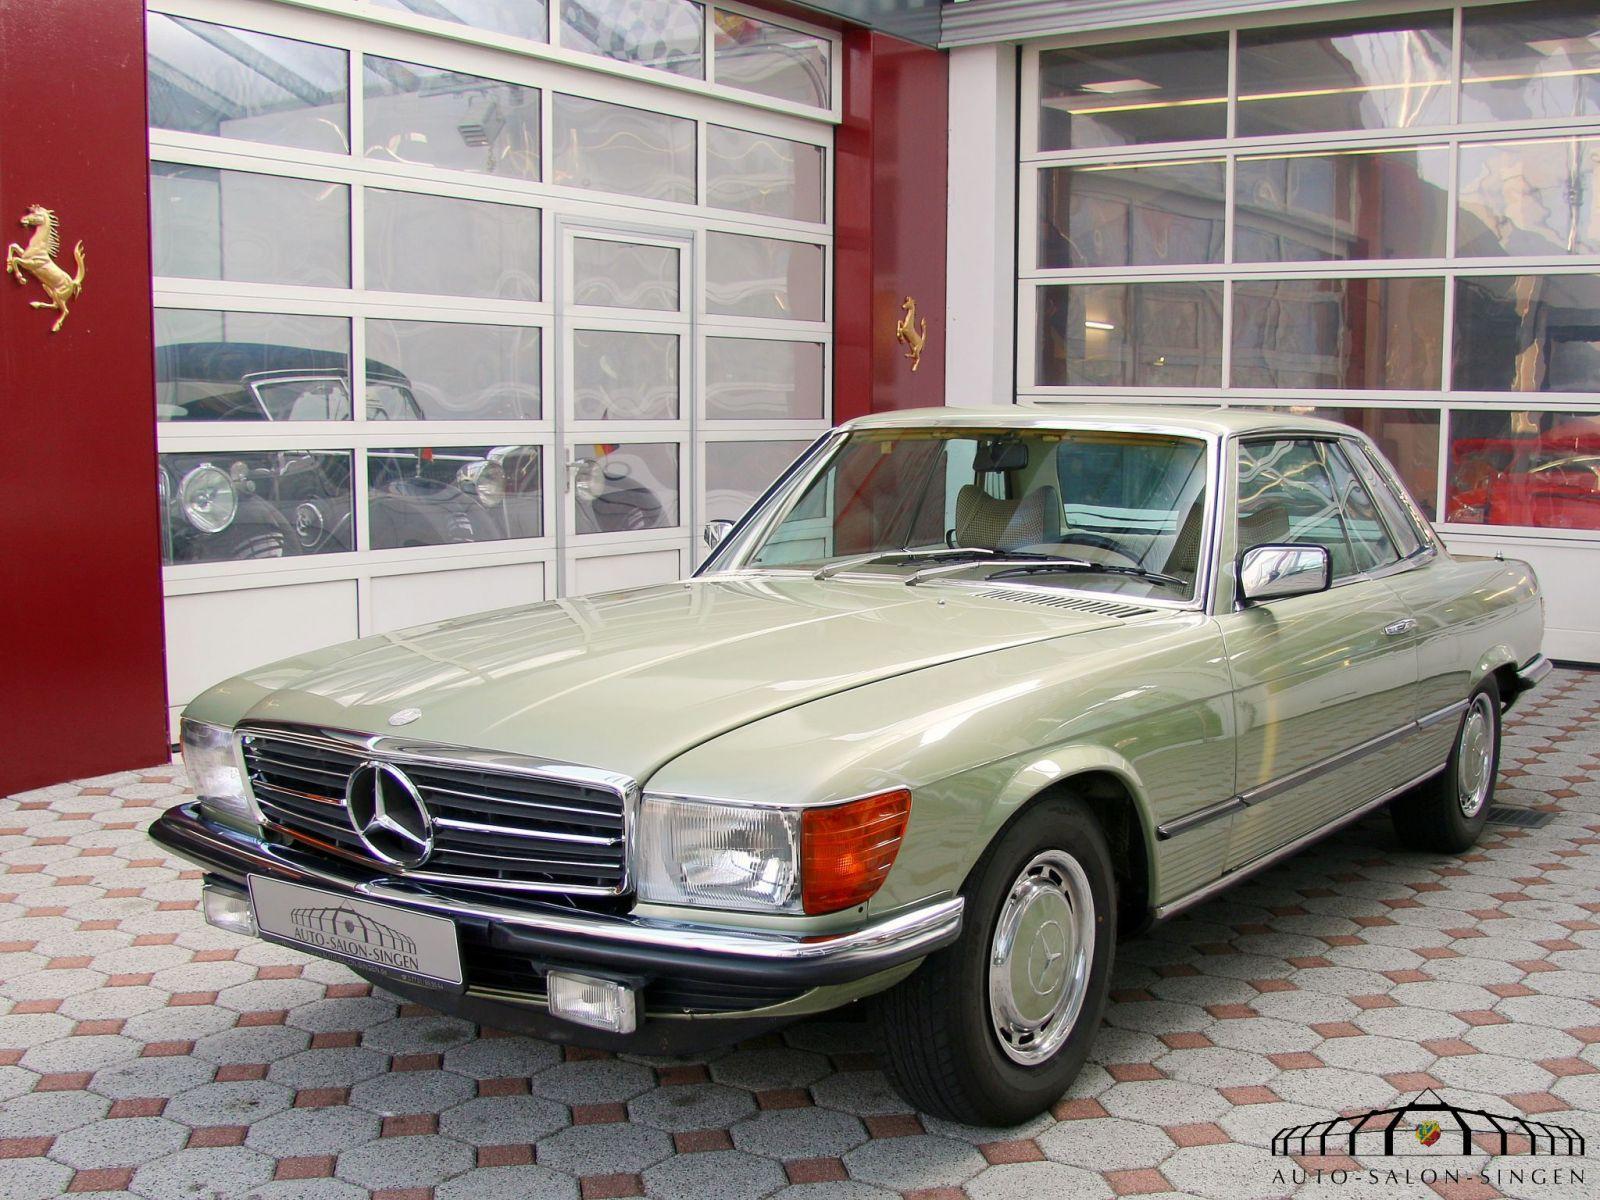 Mercedes benz 450 slc coup auto salon singen for Auto mercedes benz